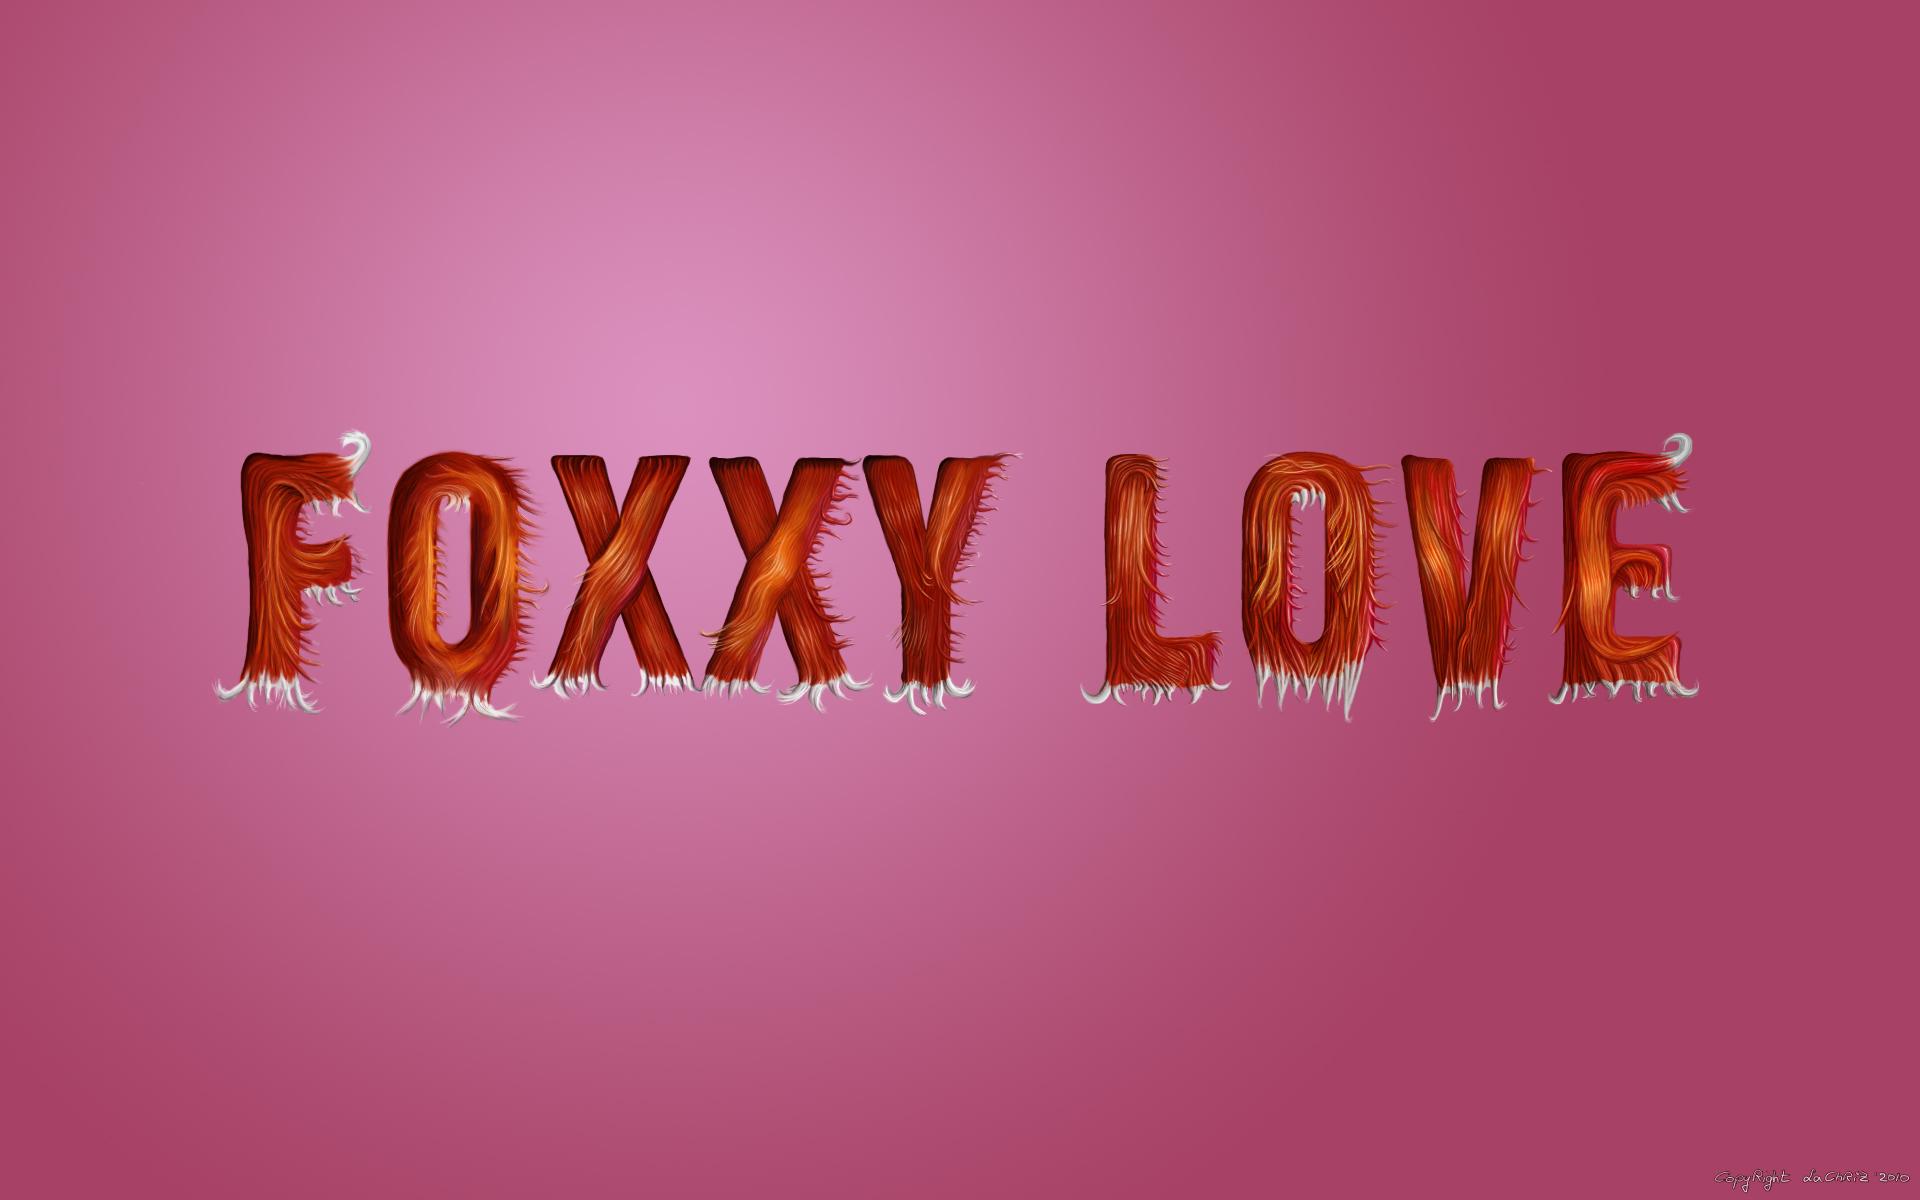 Foxxy Love - Fur Letters by LaChRiZ on DeviantArt